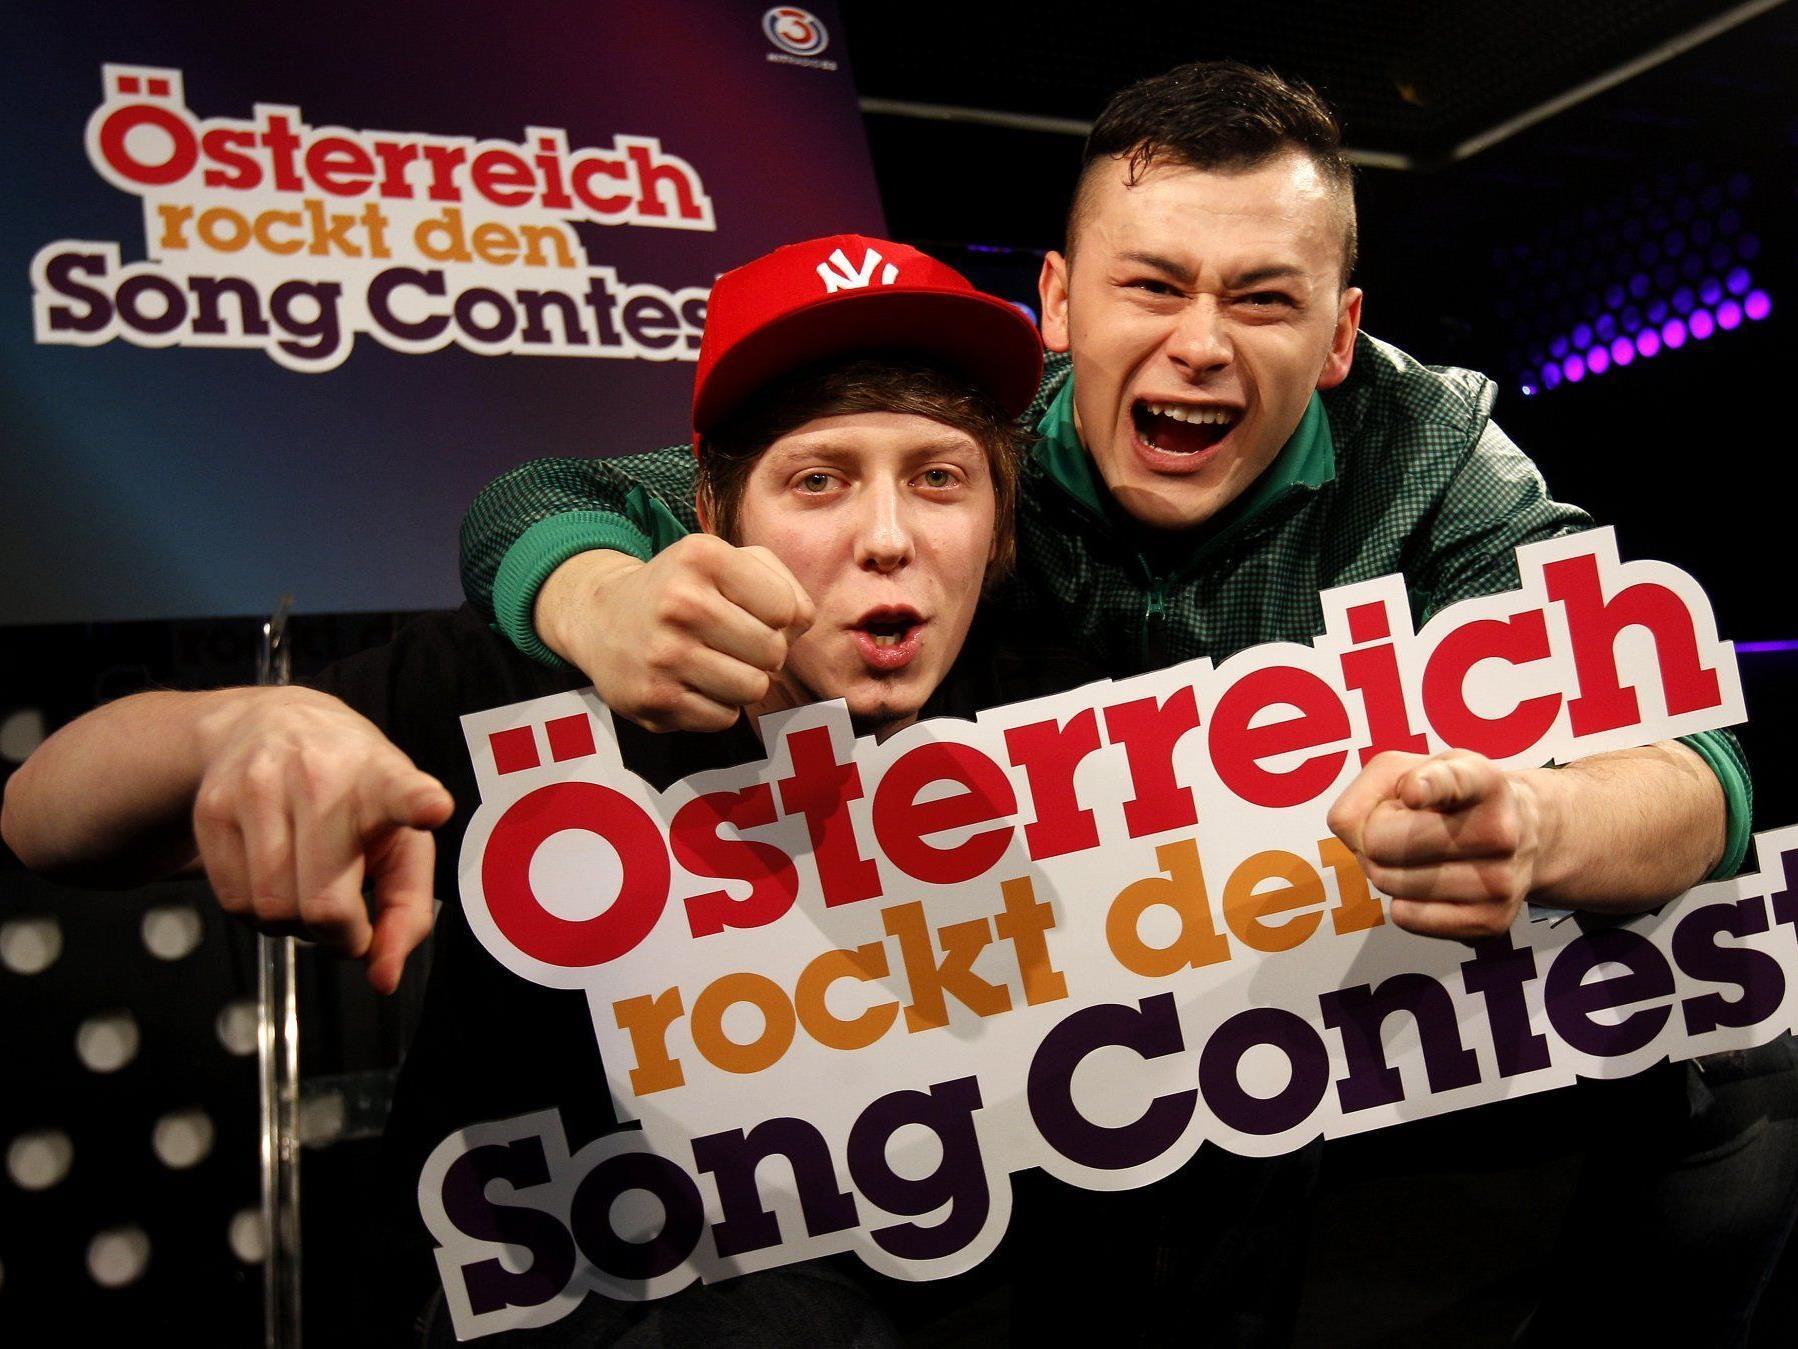 Song Contest 2012: Trackshittaz vertreten Österreich.